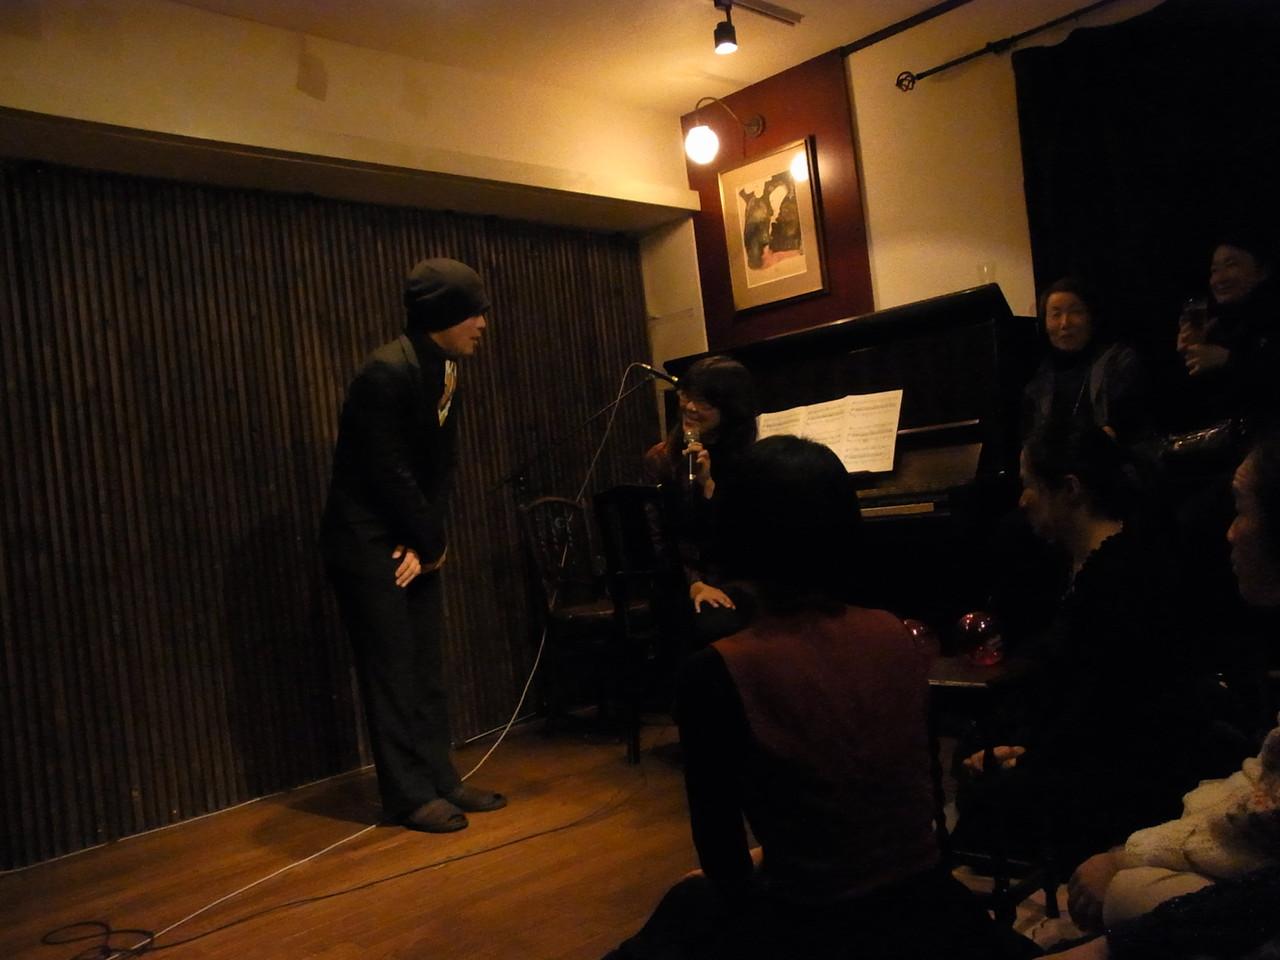 ピアノの池田千夏さんと 「はじめまして~」